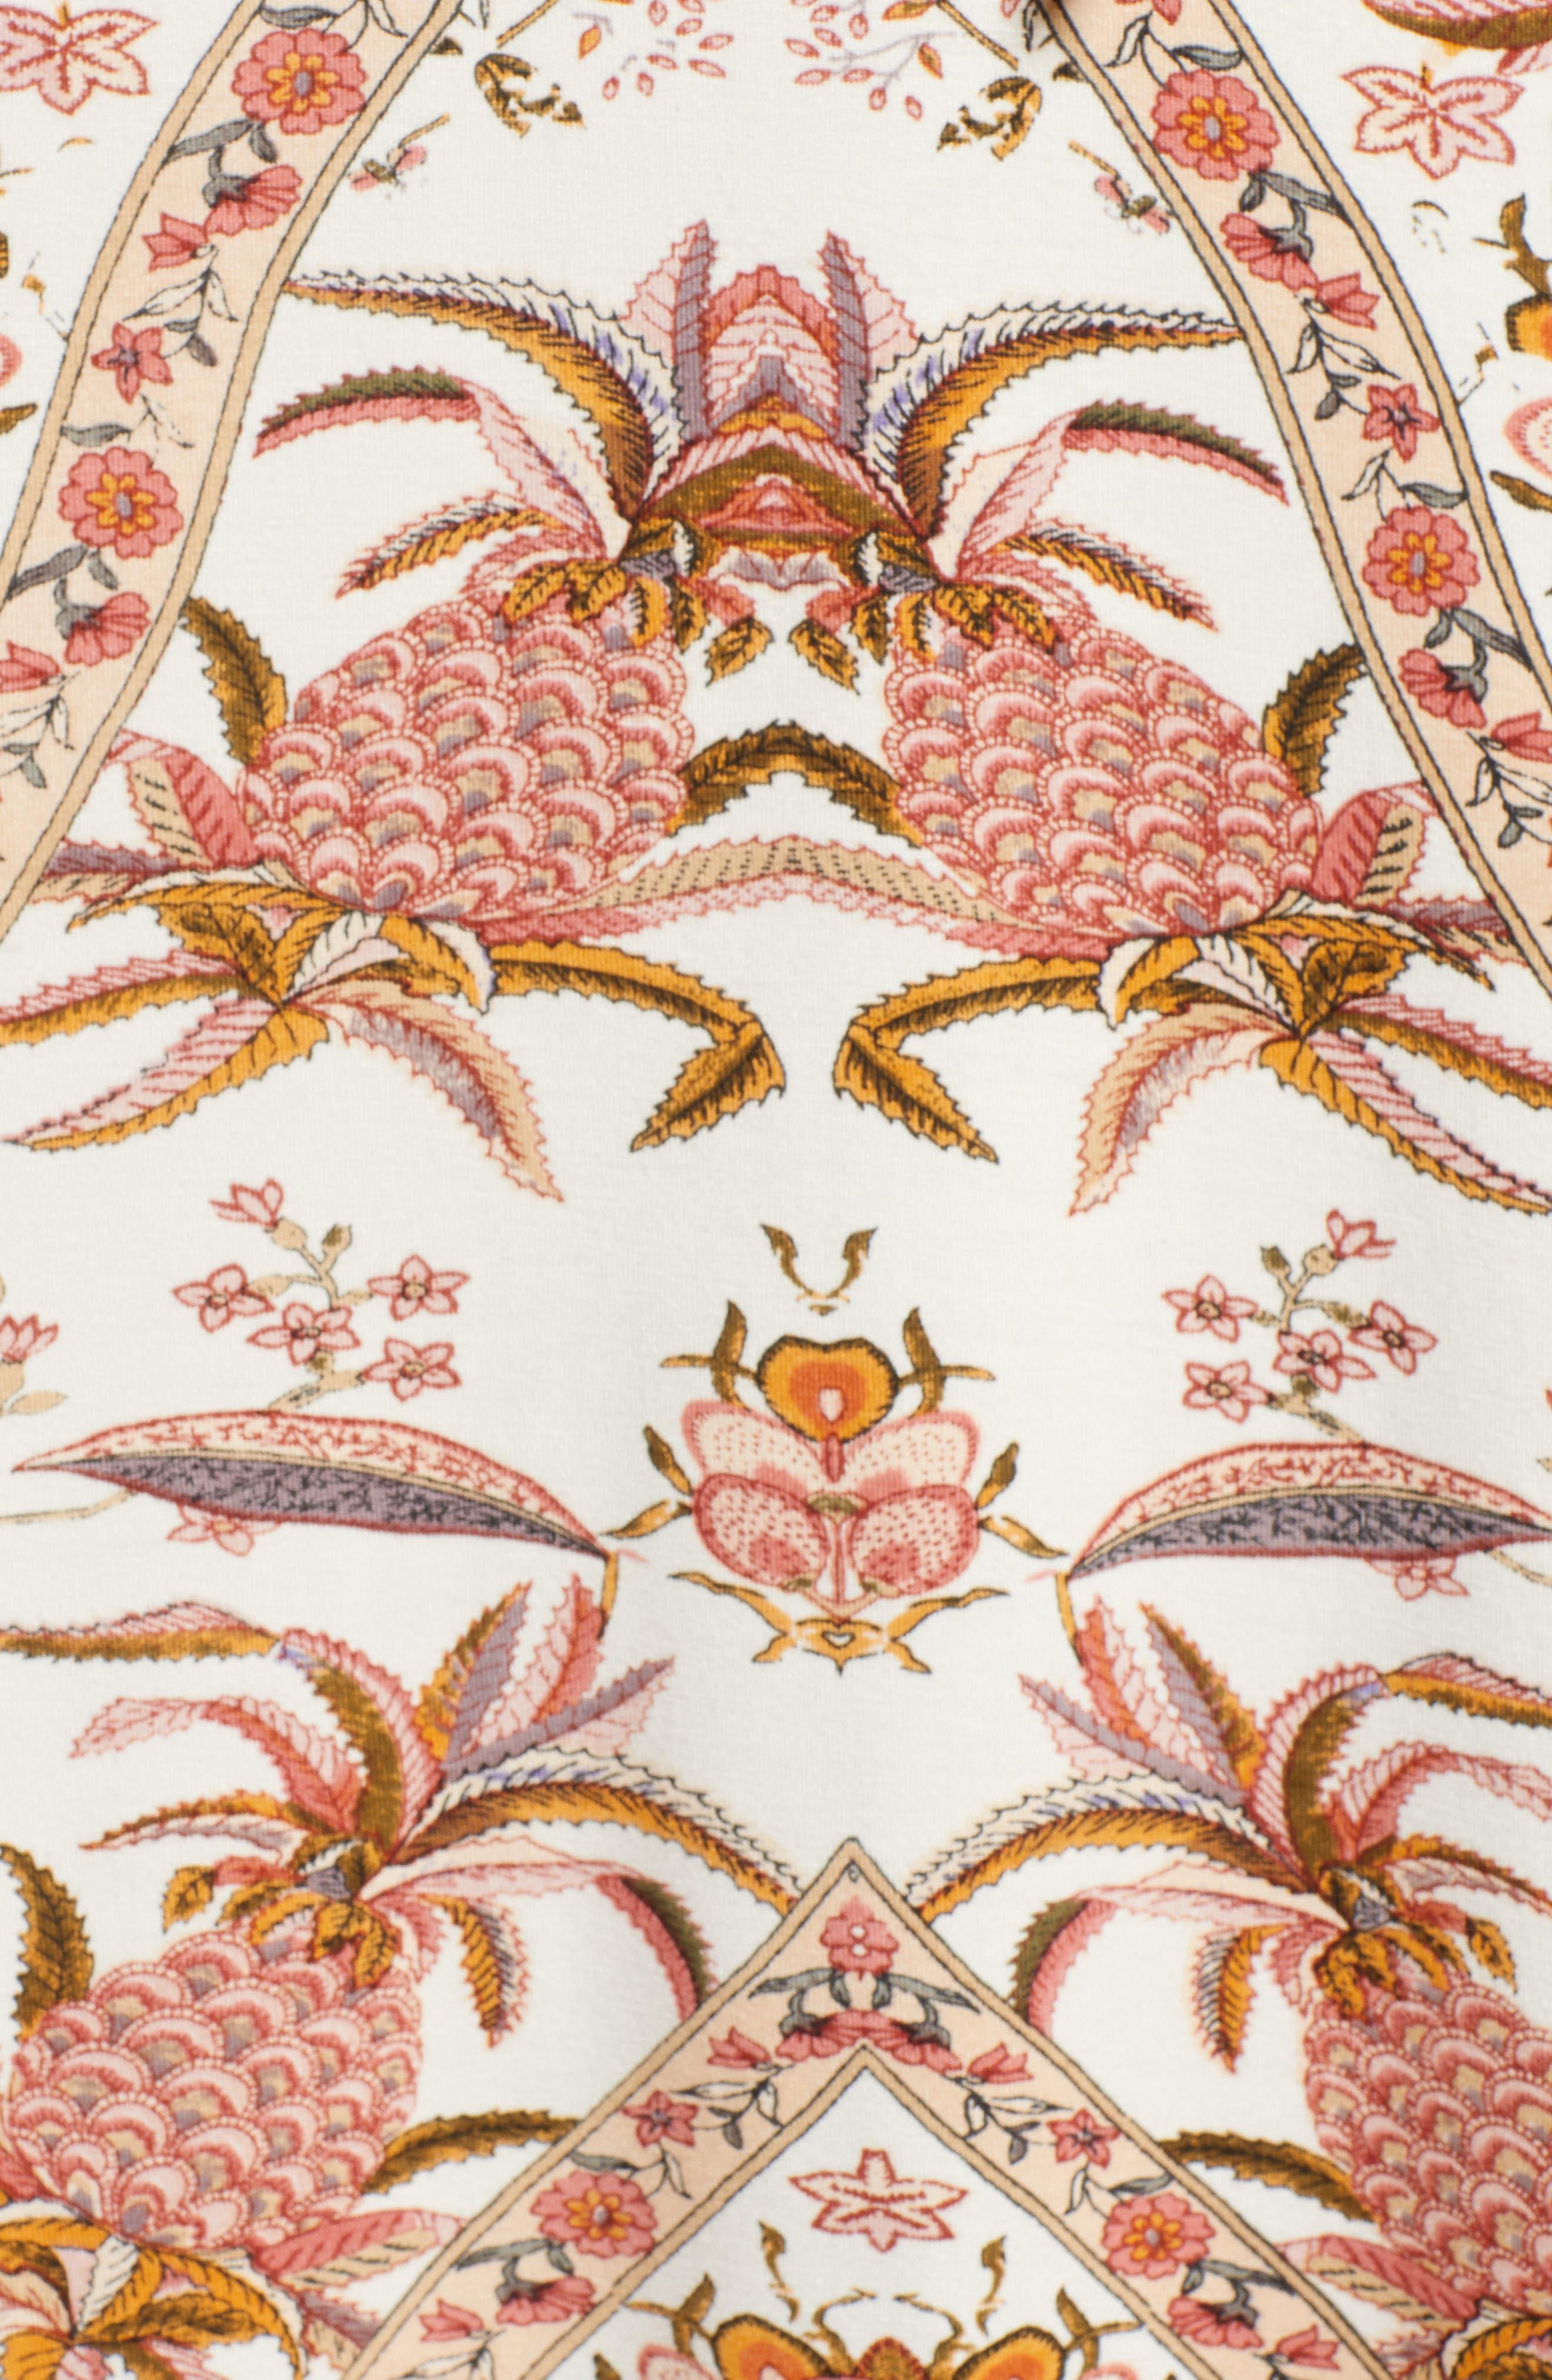 V-Neck Print Maxi Dress,                             Alternate thumbnail 6, color,                             950